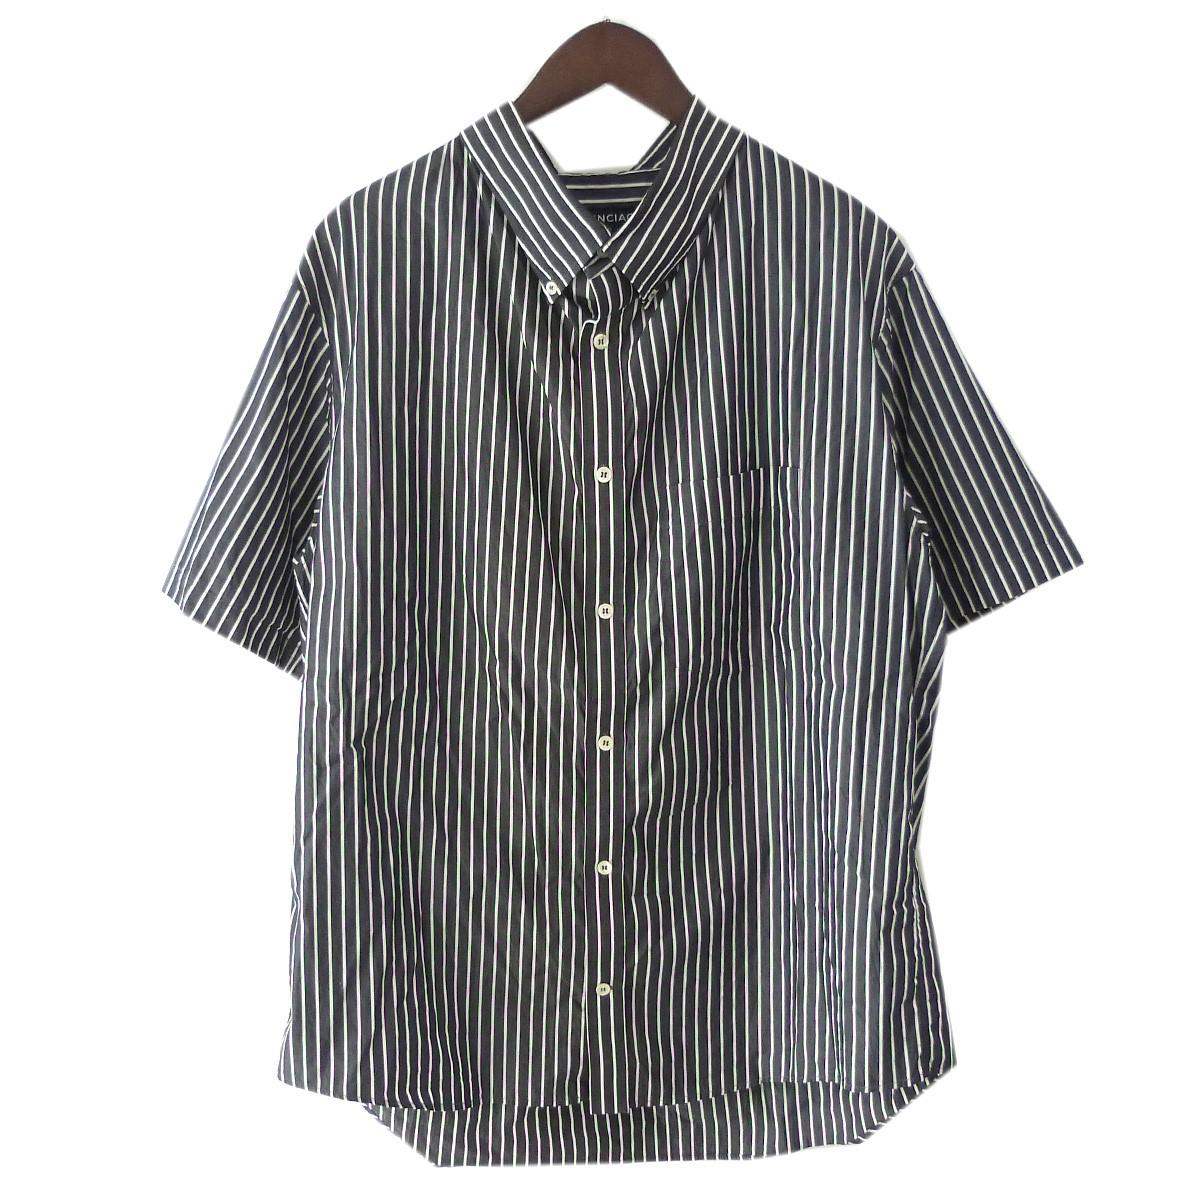 【中古】BALENCIAGA 18SS プロフィールカラーストライプシャツ ブラック×ホワイト サイズ:38 【160420】(バレンシアガ)